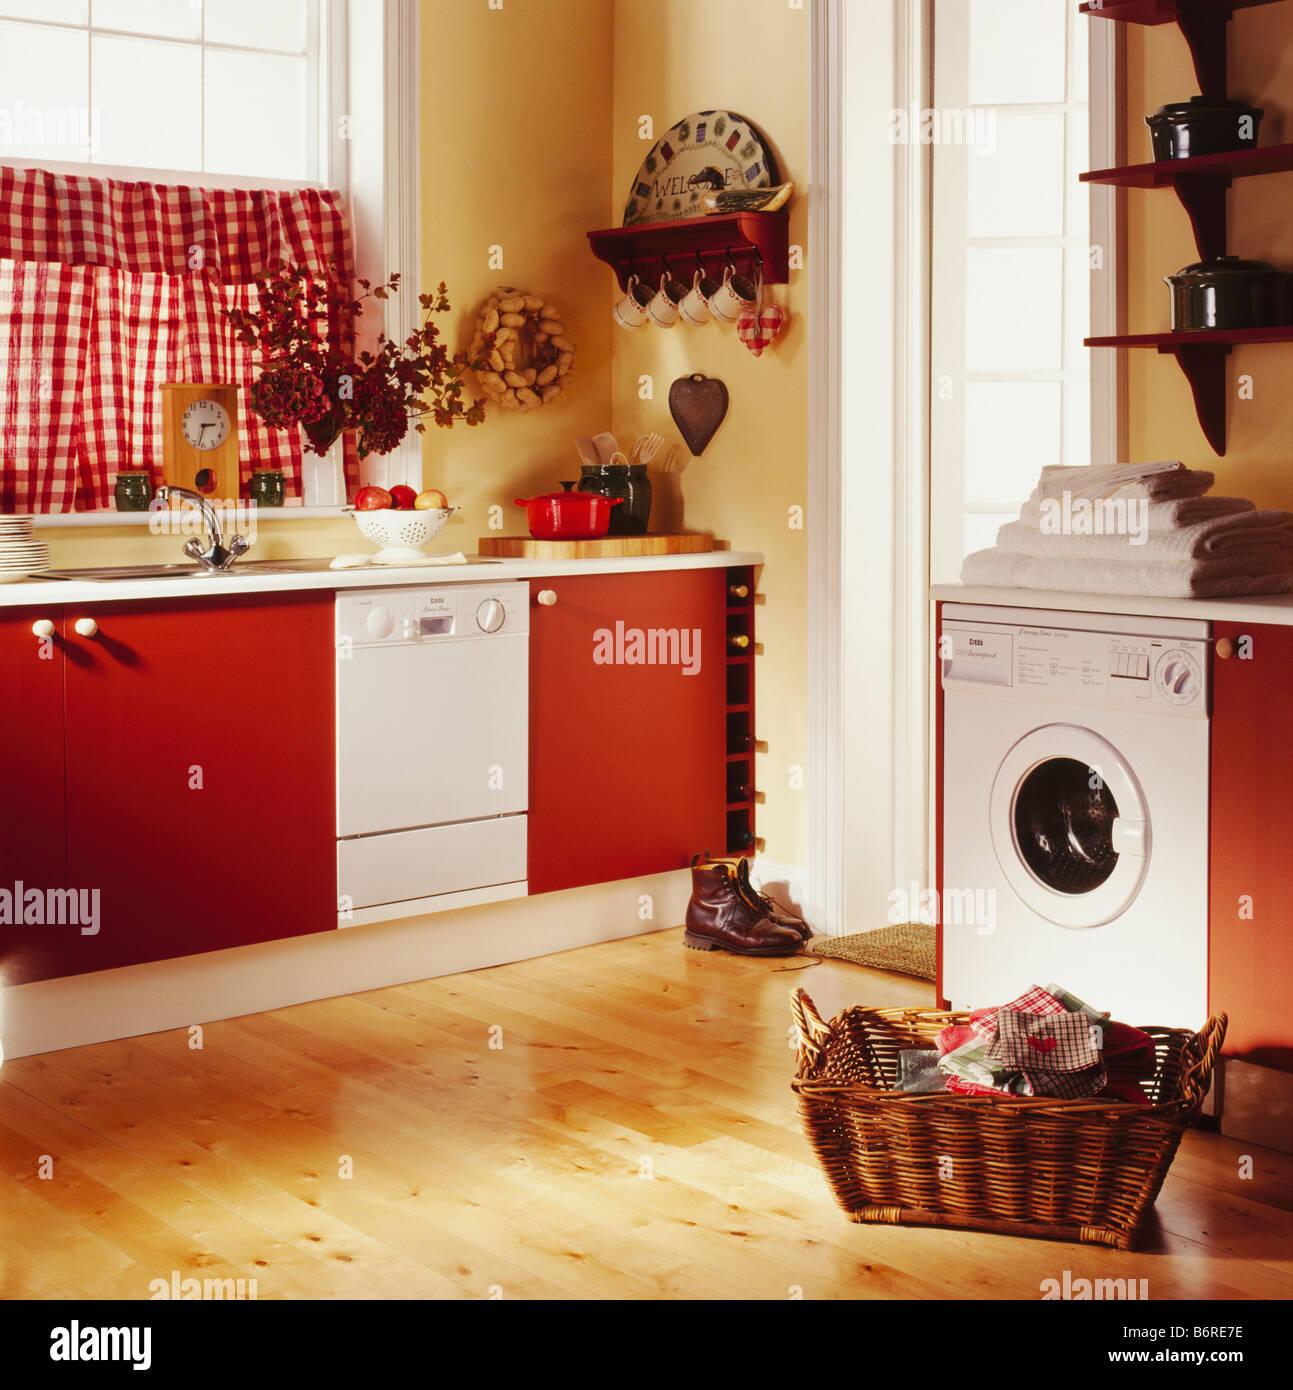 Korb Wäsche auf Holzboden vor Waschmaschine in der Küche mit roten ...